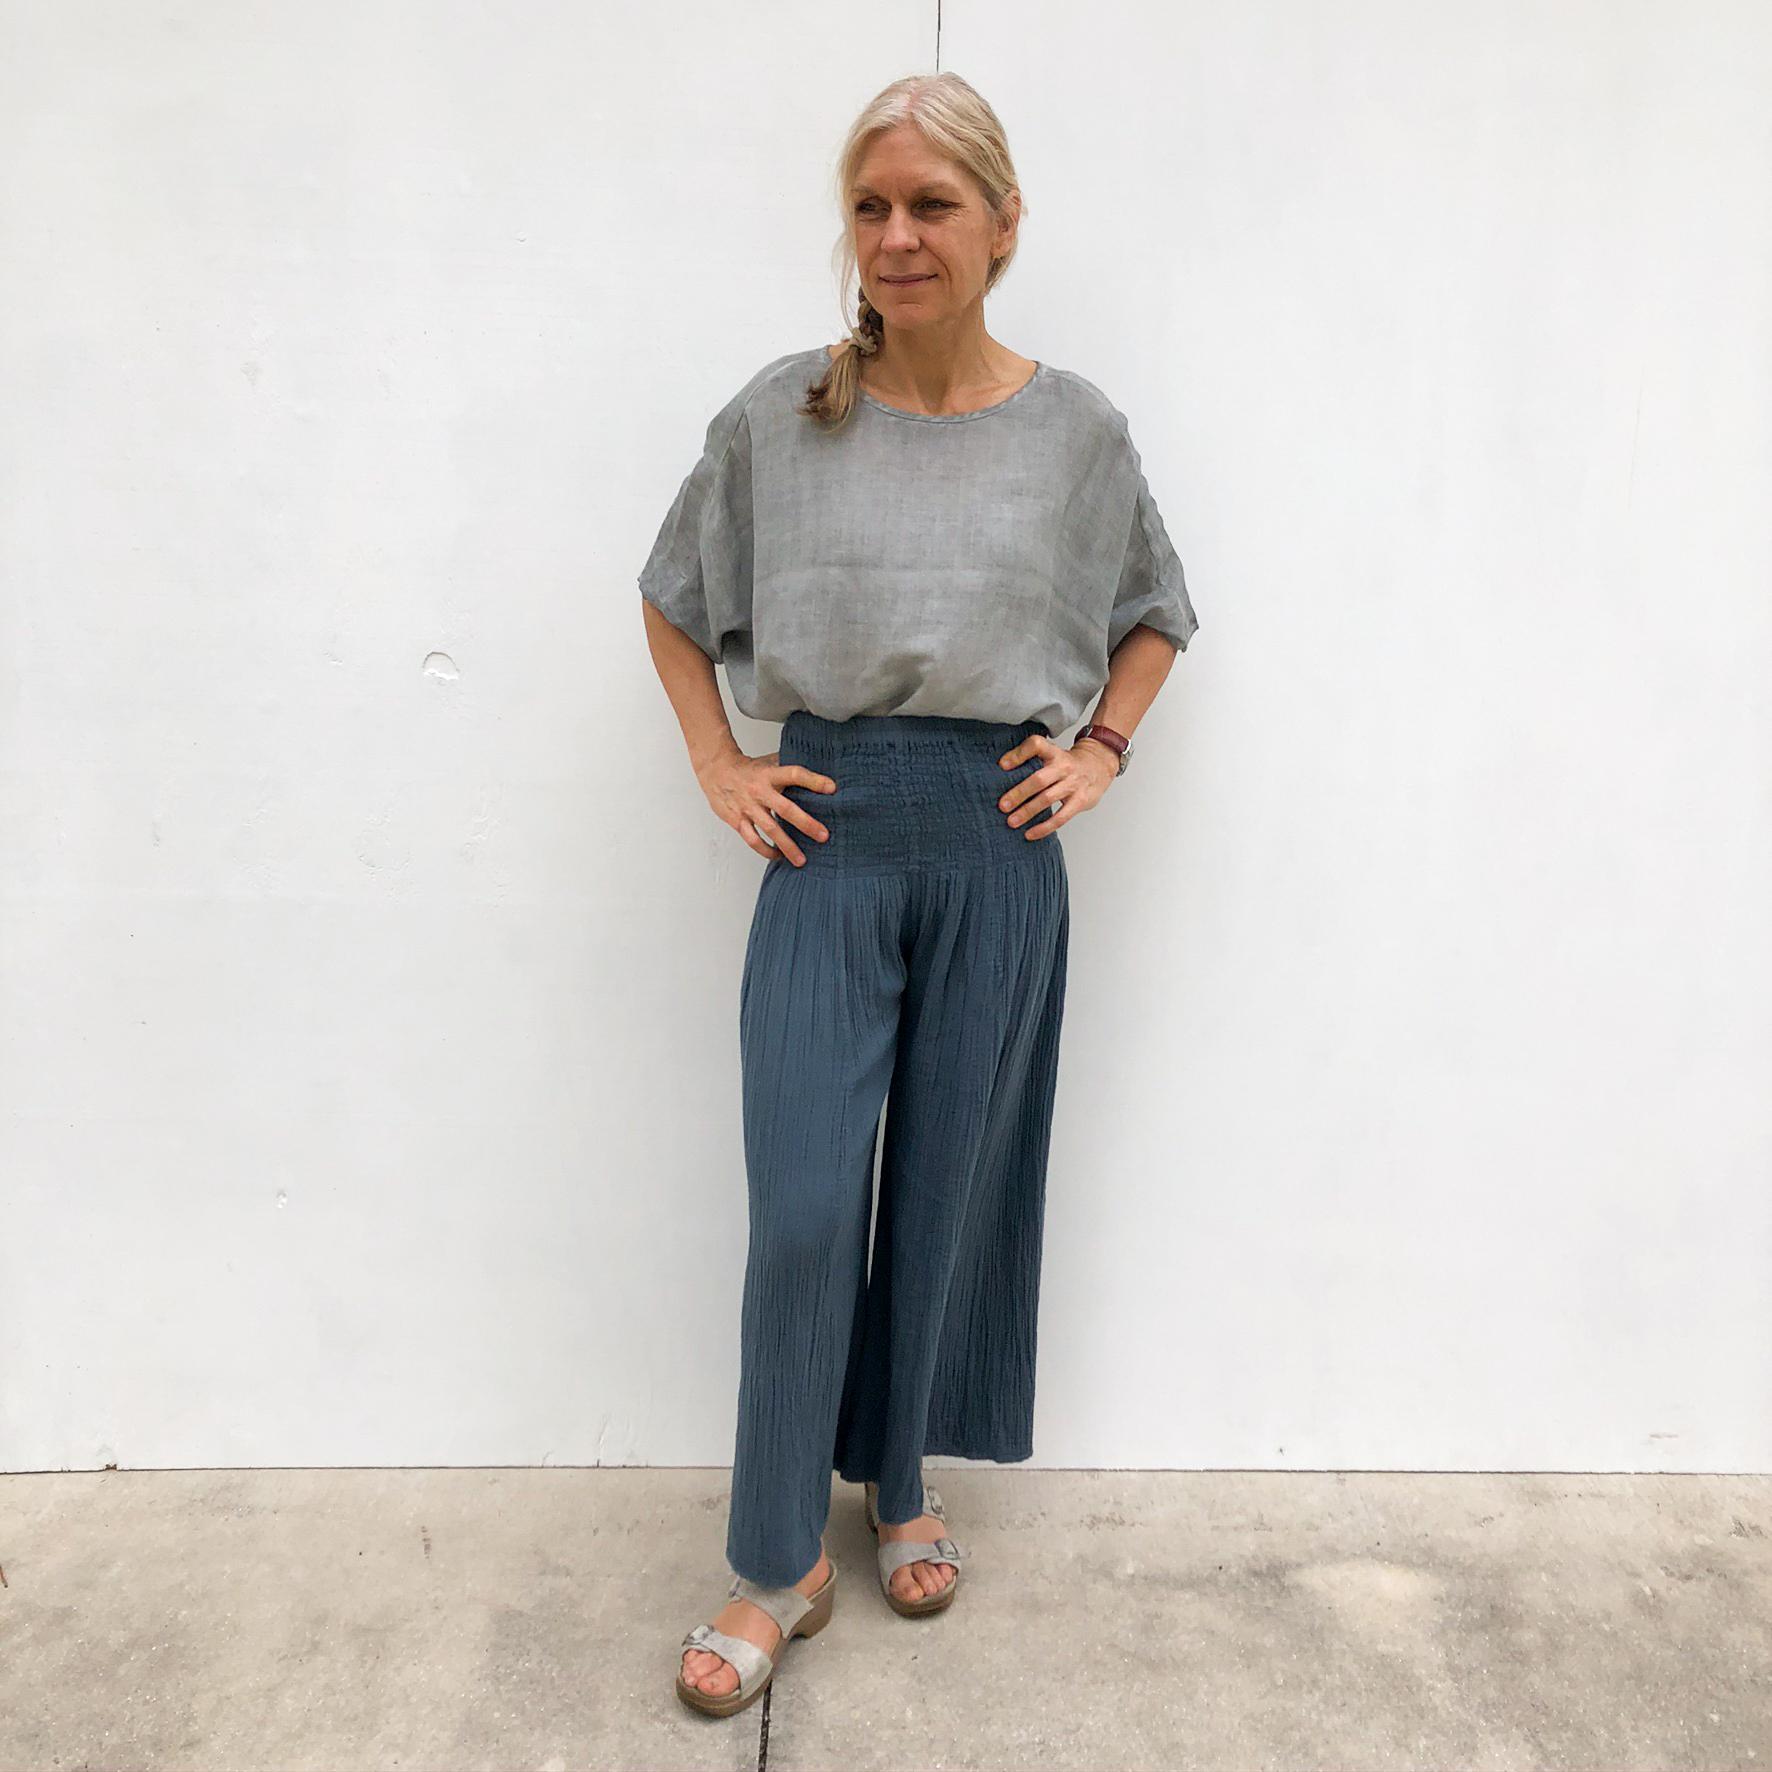 Linen Top & Navy Pants